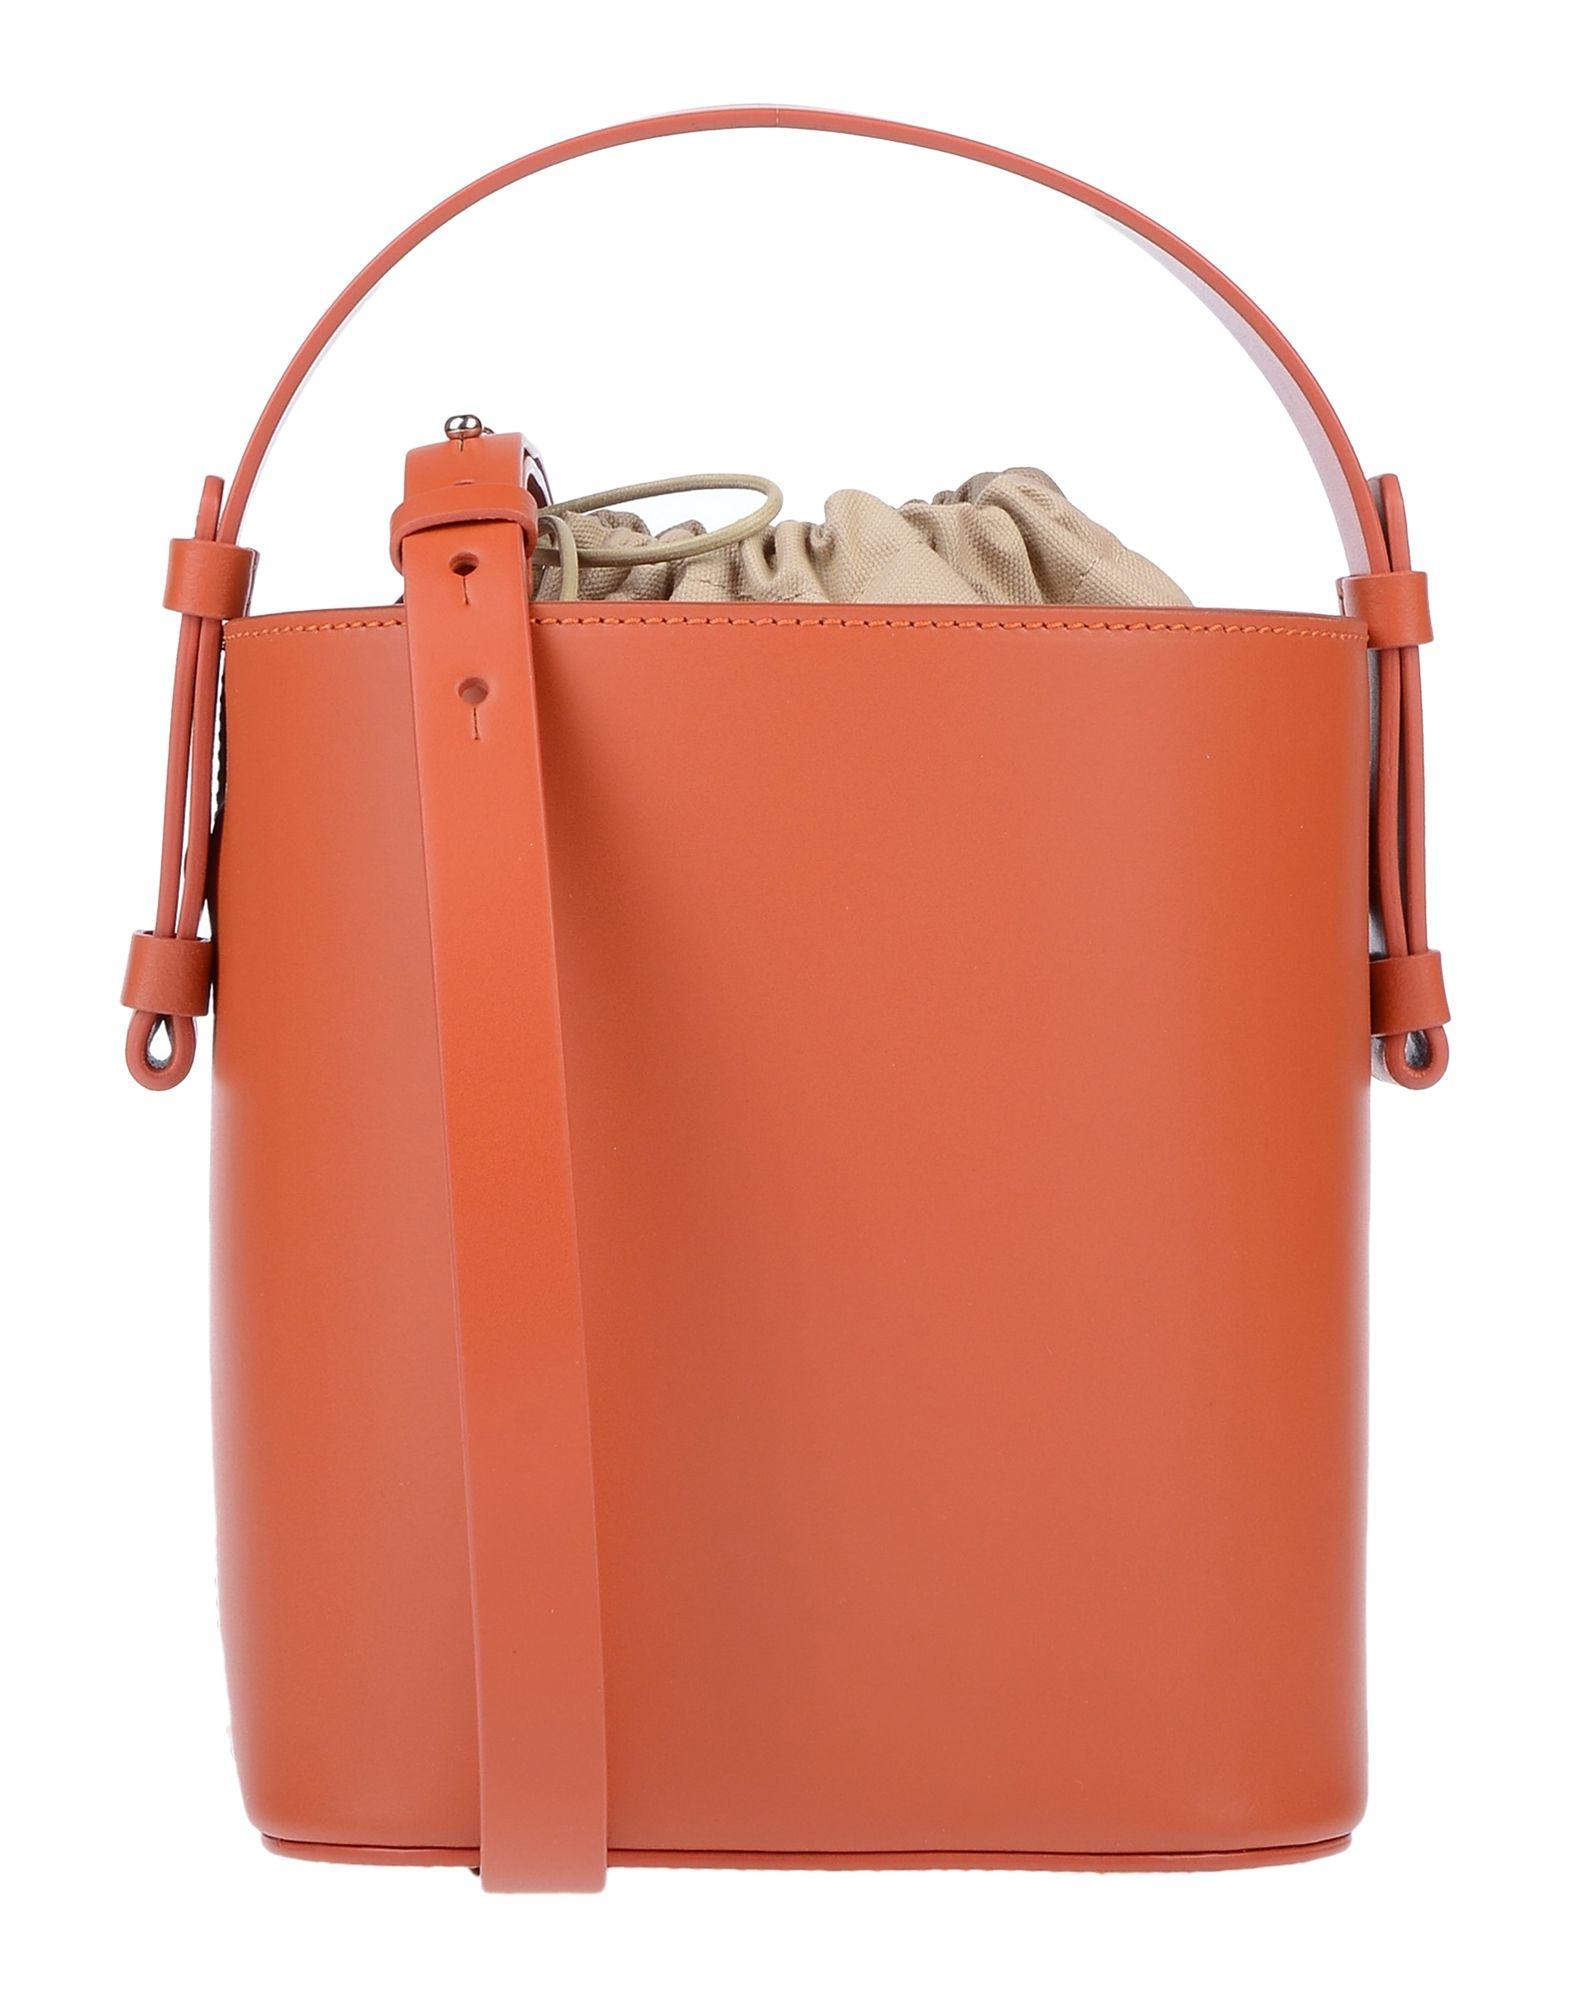 《セール開催中》NICO GIANI レディース ハンドバッグ 赤茶色 革 100%